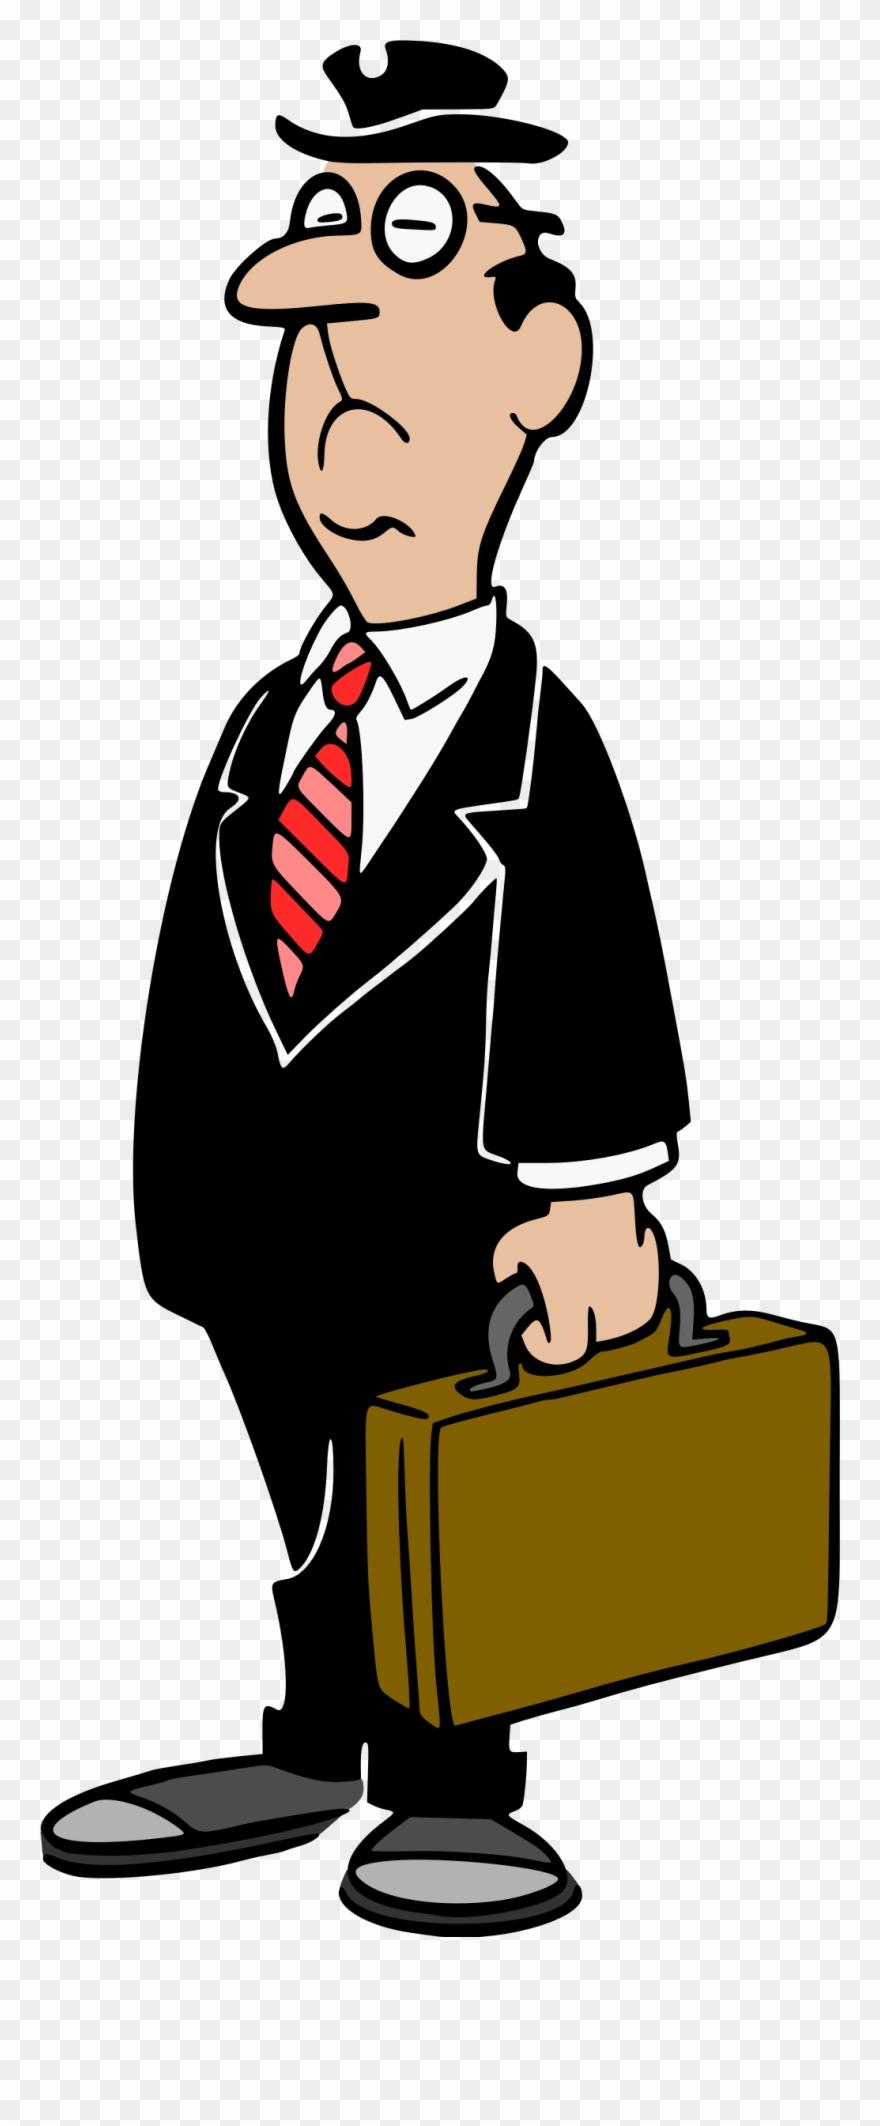 Businessman clipart. Colour big image png